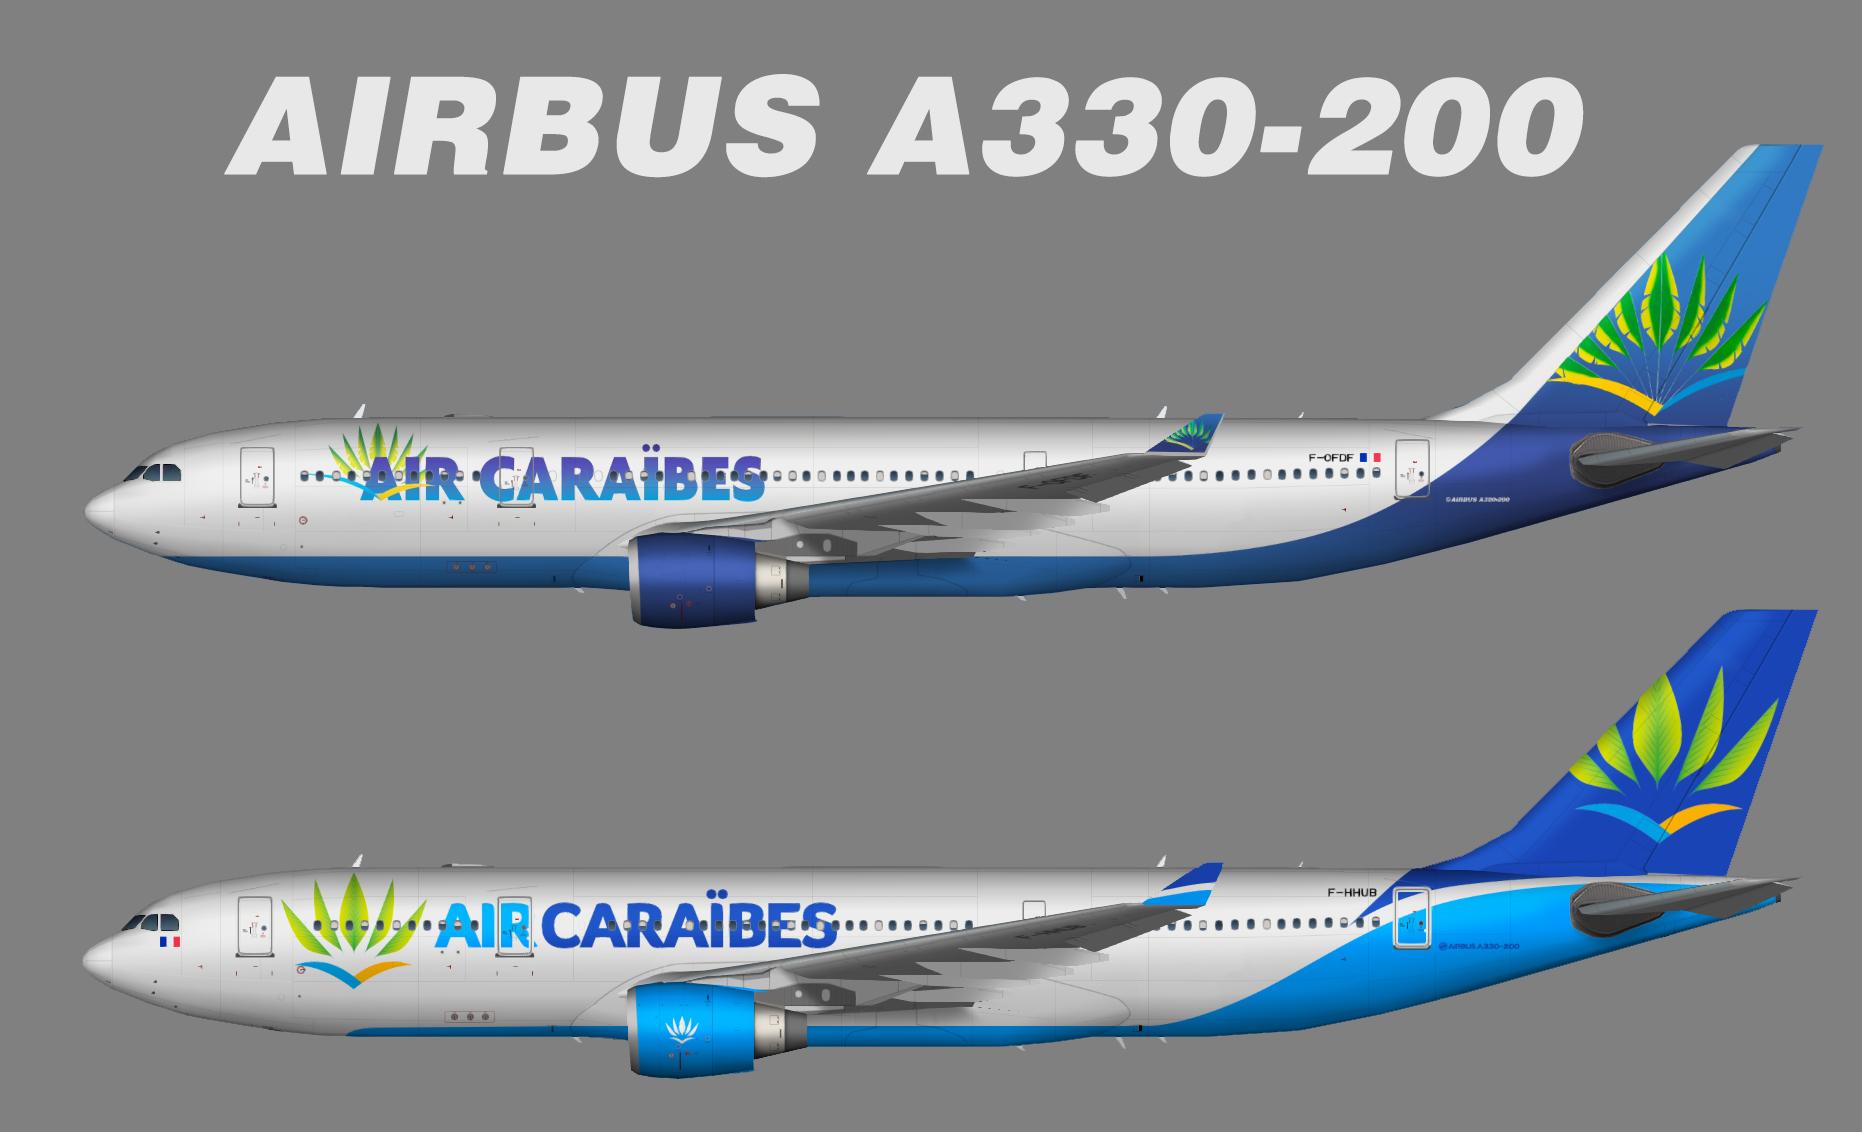 Air Caraibes Airbus A330-200